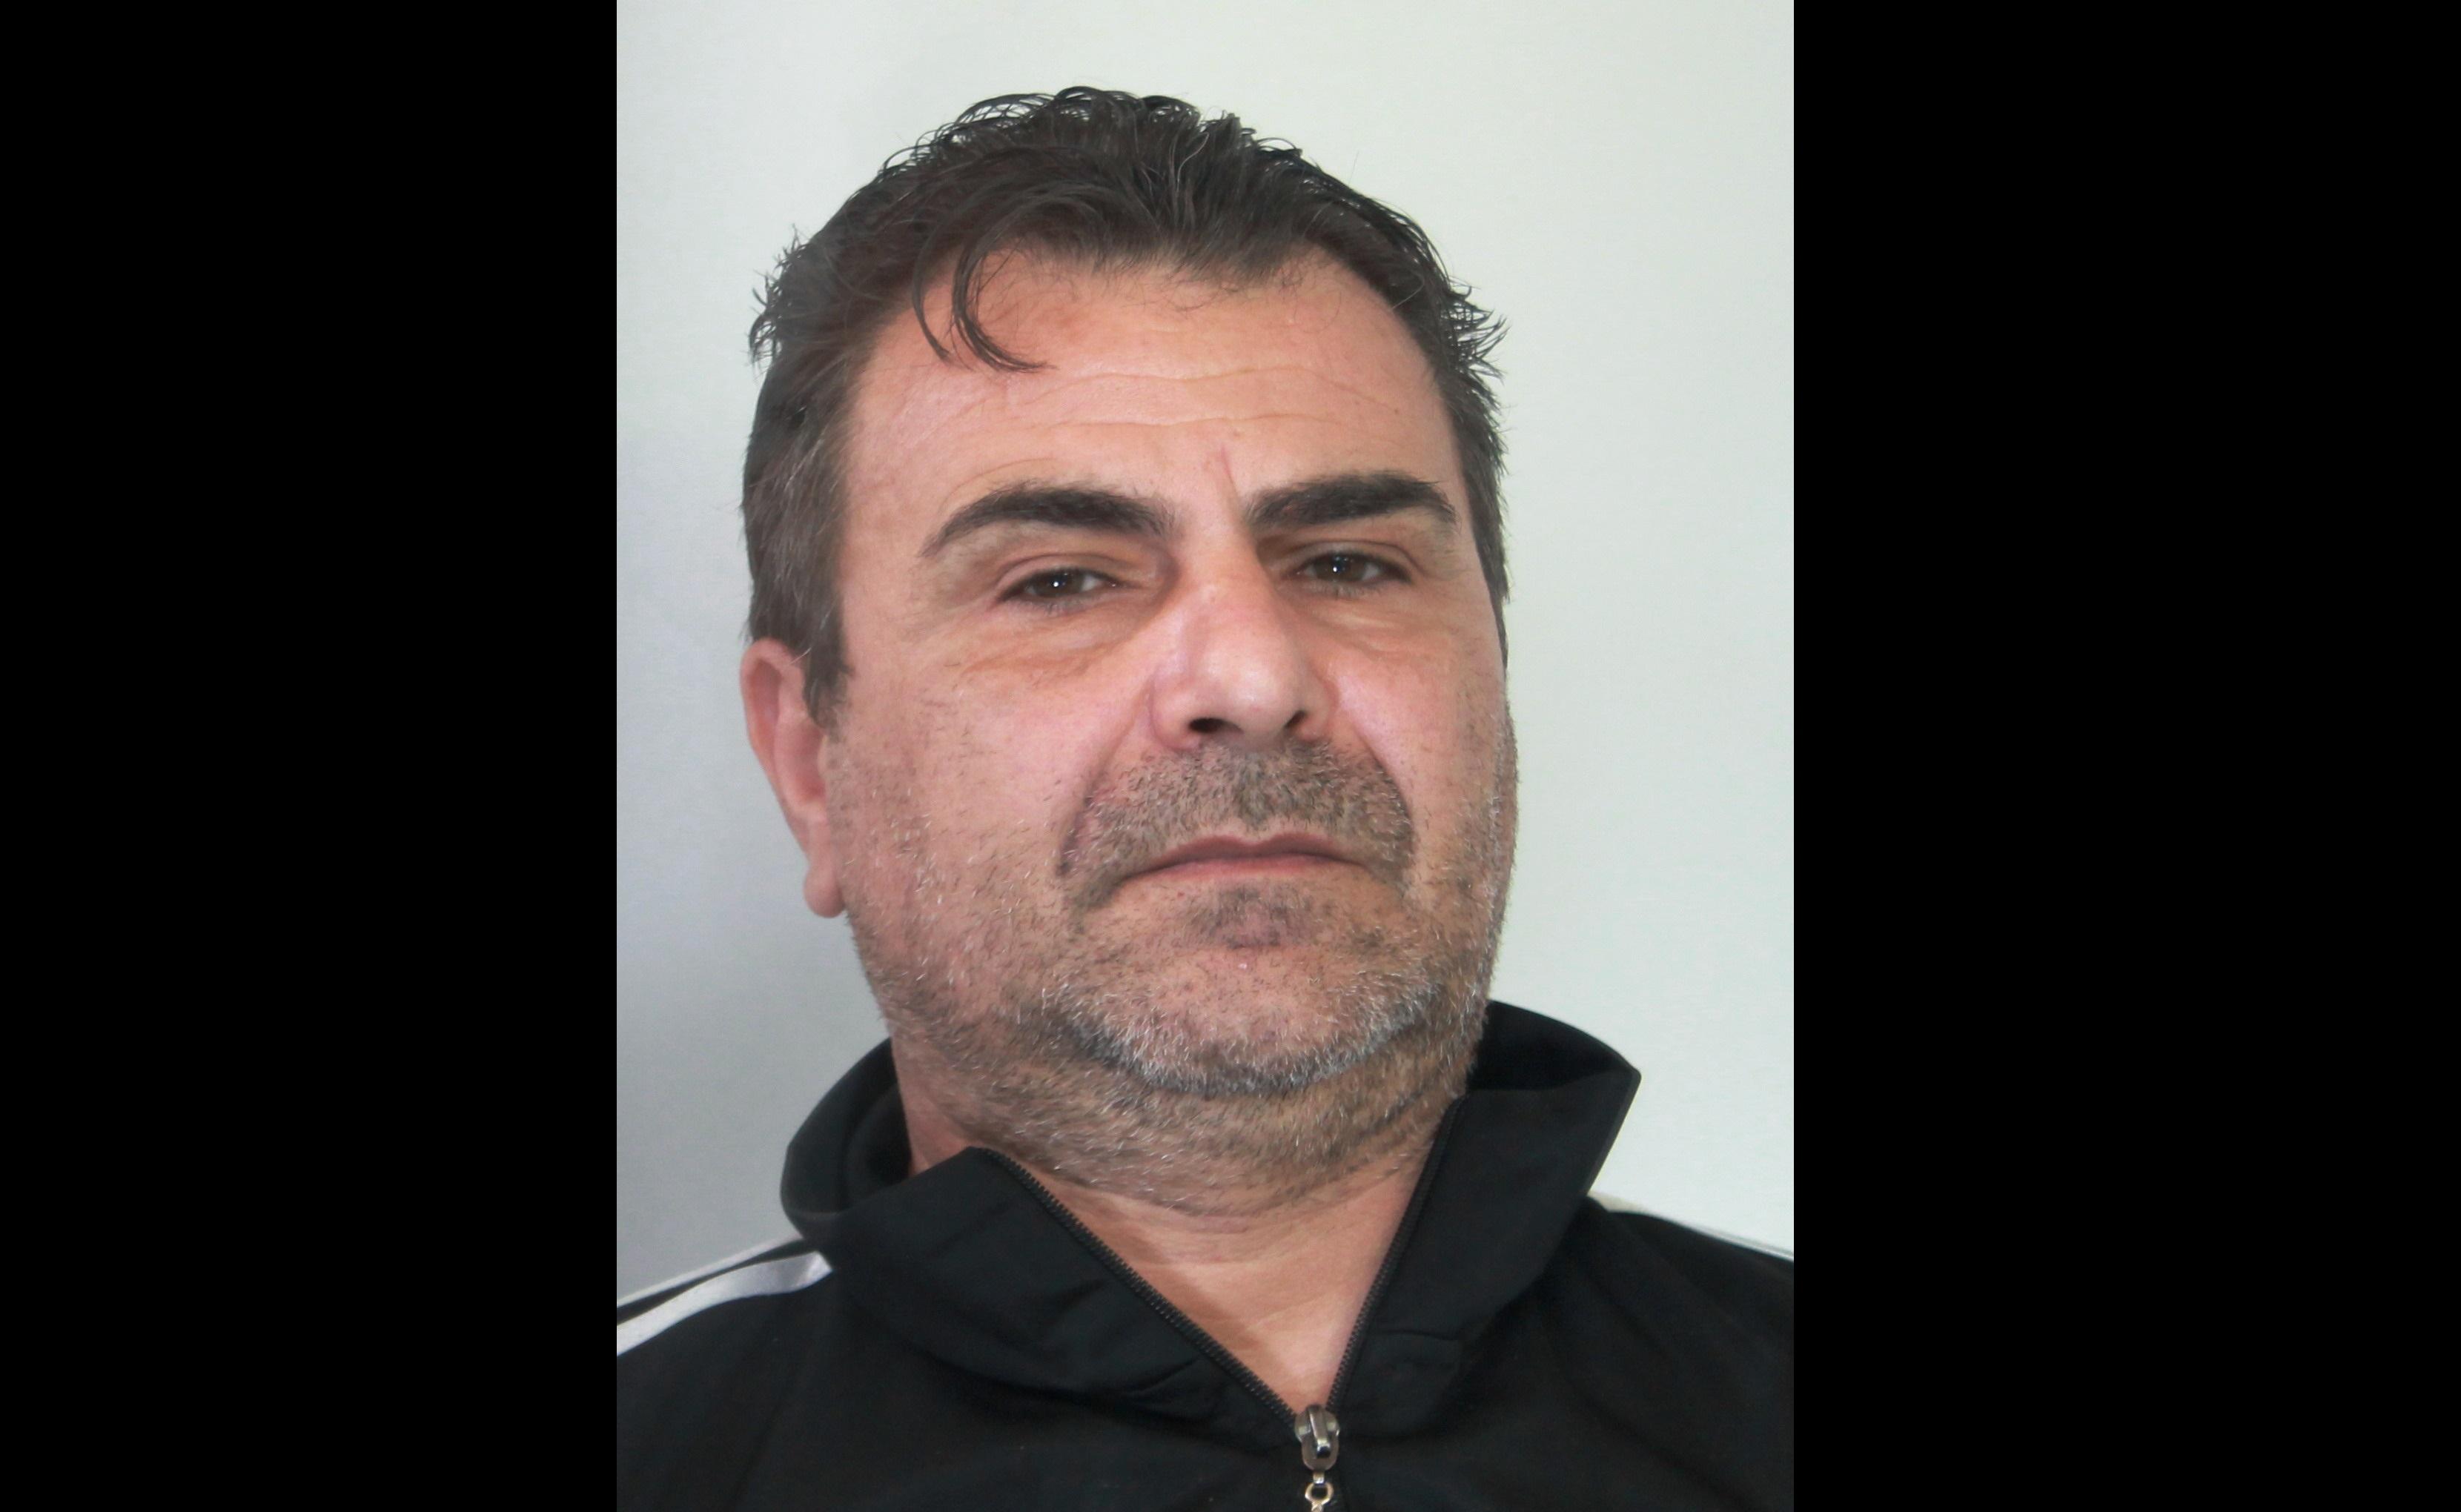 Tentato omicidio, accoltella il vicino di casa dopo una lite: arrestato 49enne